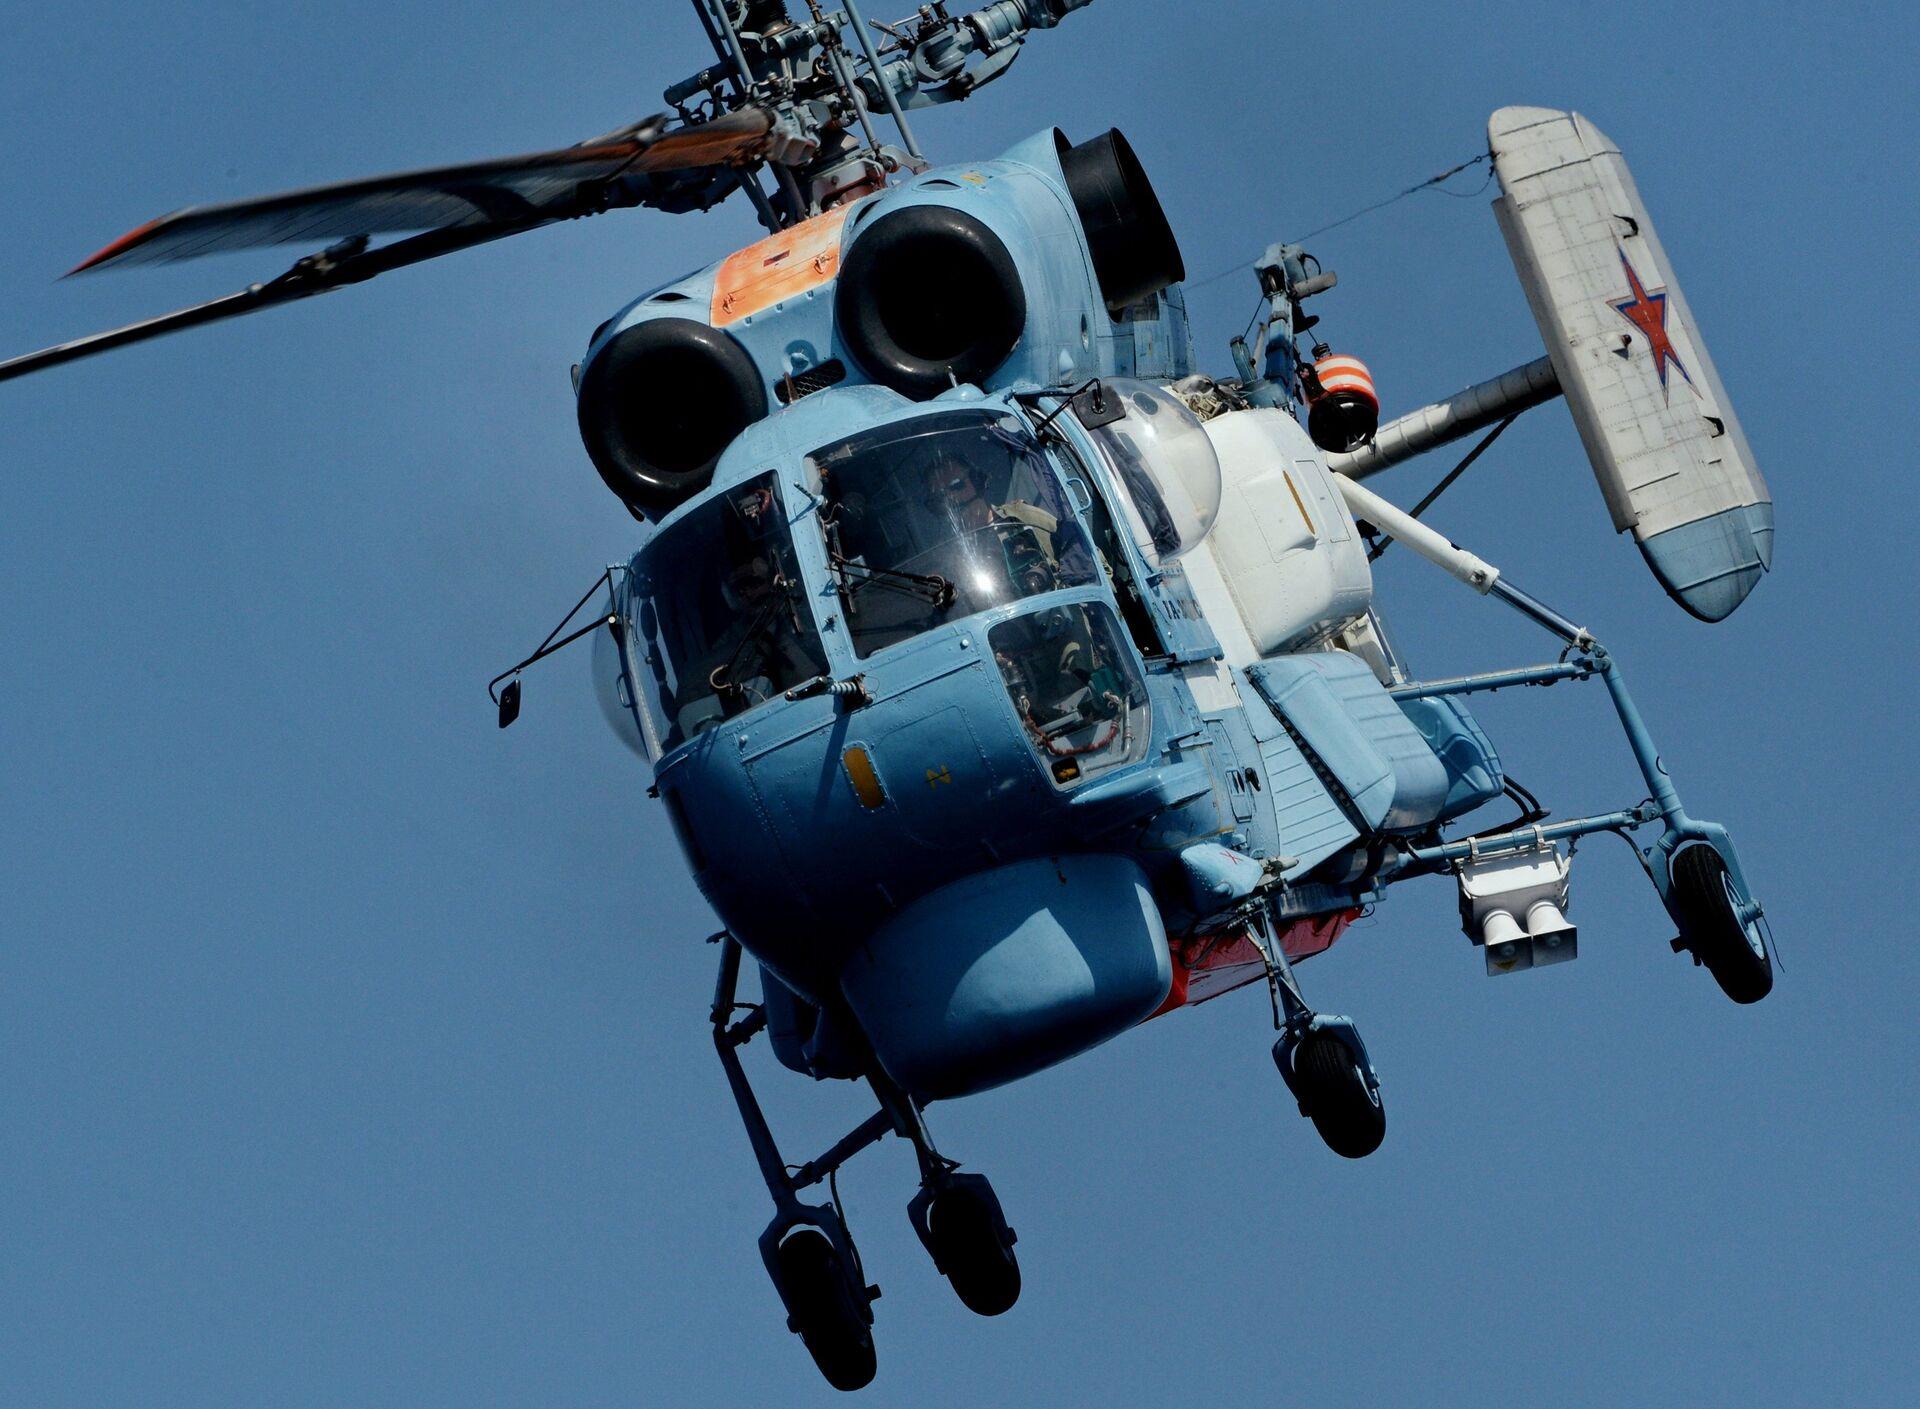 Phiên bản nâng cấp sâu của trực thăng Ka-32 sẽ được giới thiệu tại MAKS-2021 - Sputnik Việt Nam, 1920, 13.05.2021